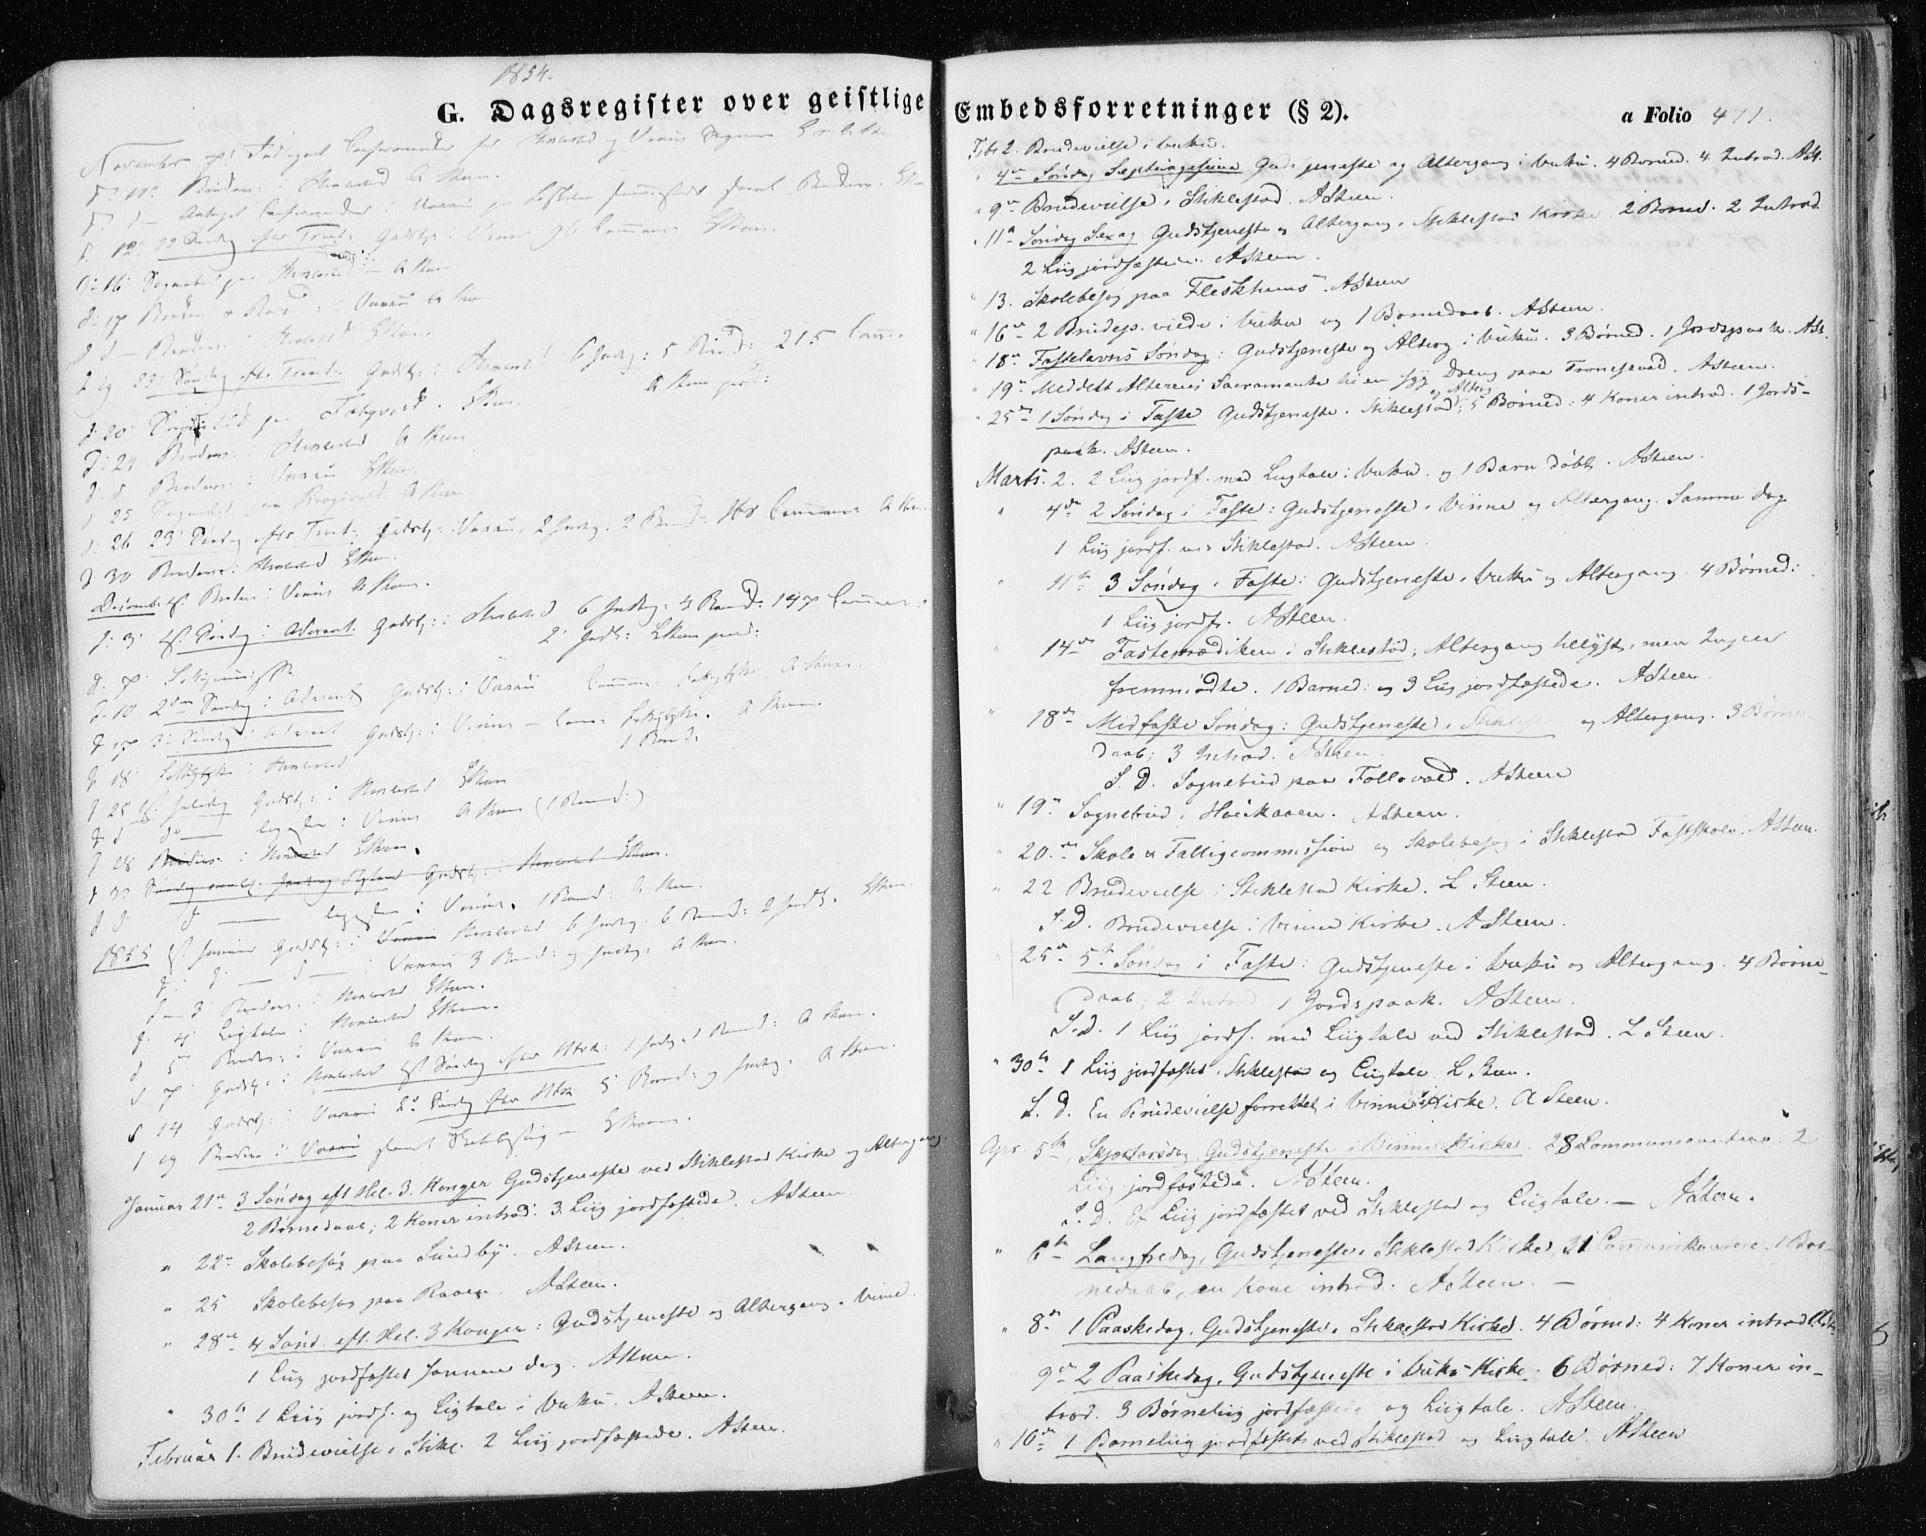 SAT, Ministerialprotokoller, klokkerbøker og fødselsregistre - Nord-Trøndelag, 723/L0240: Ministerialbok nr. 723A09, 1852-1860, s. 471